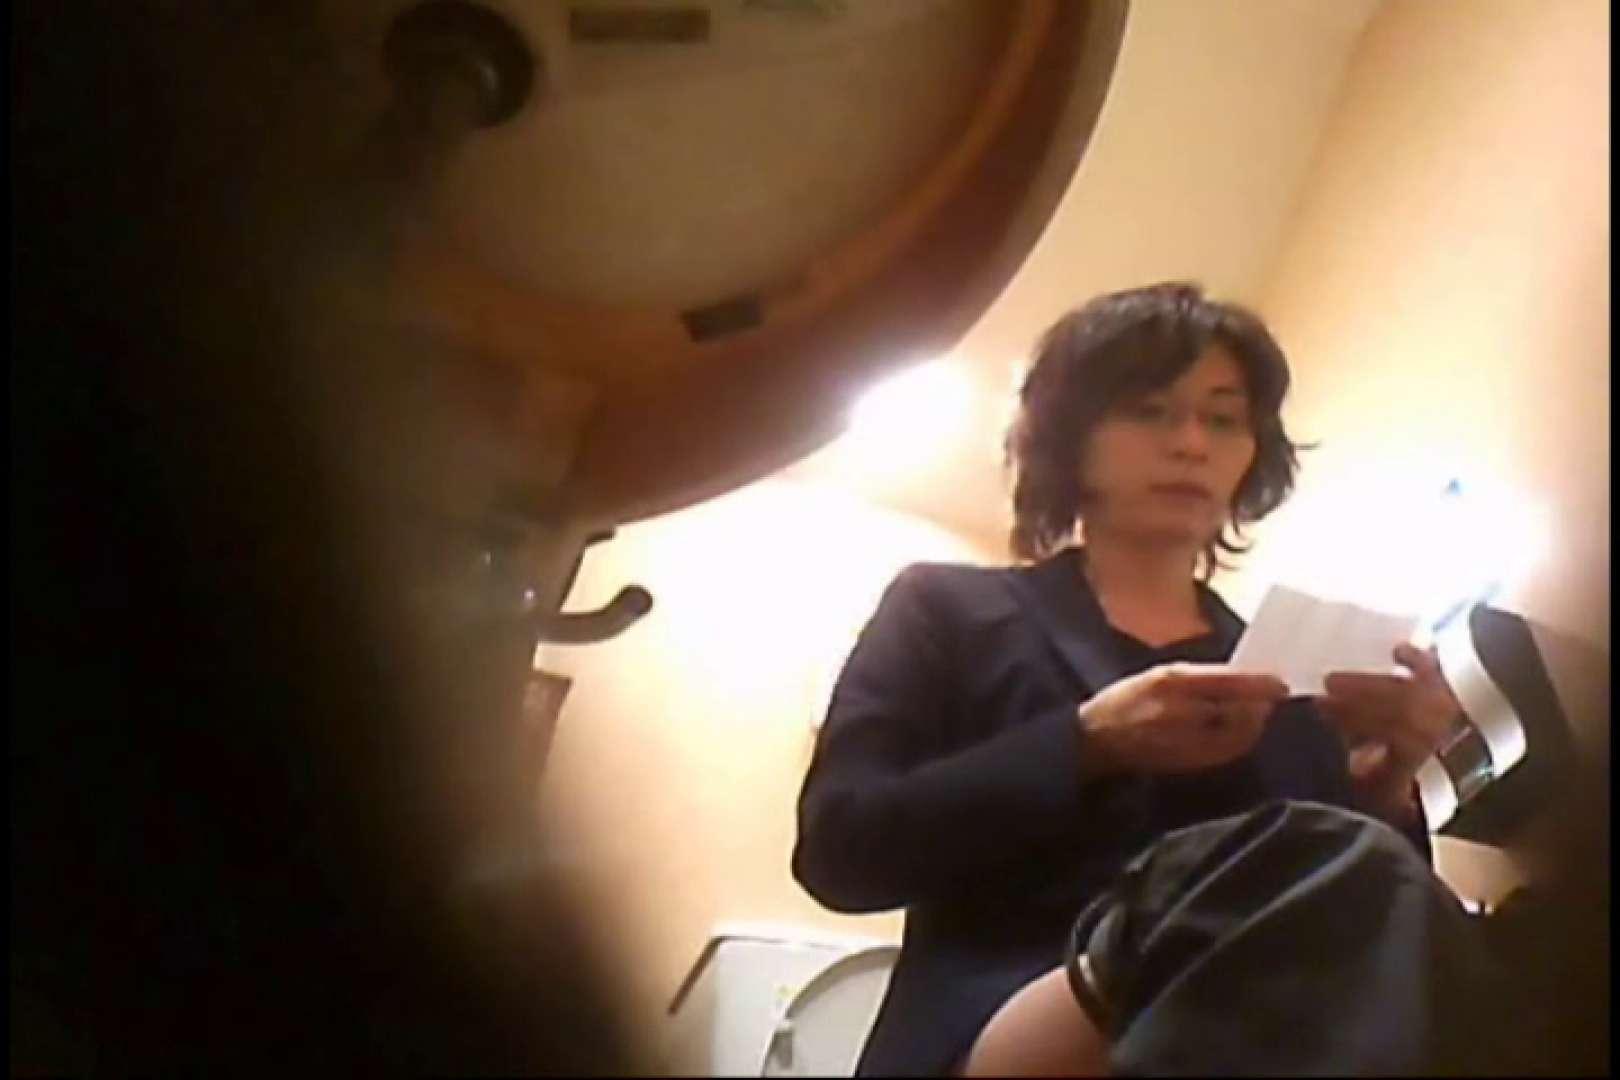 画質向上!新亀さん厠 vol.31 厠・・・ ワレメ無修正動画無料 87PIX 54